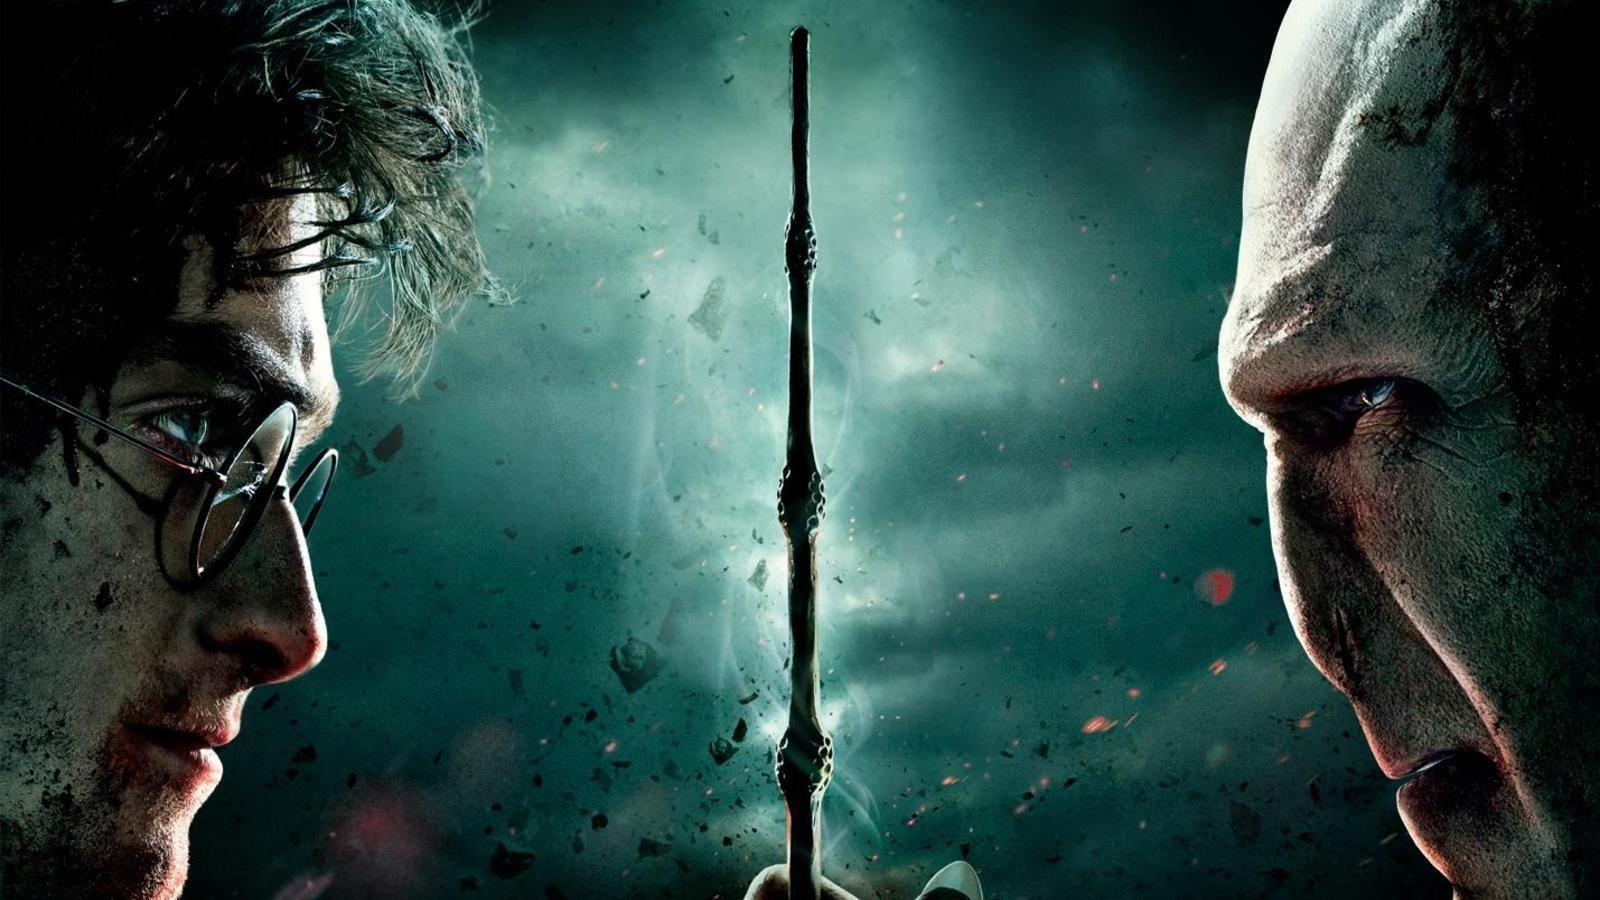 En Las Reliquias de la Muerte, ¿qué hacen con la Varita de Saúco tras la muerte de Voldemort?